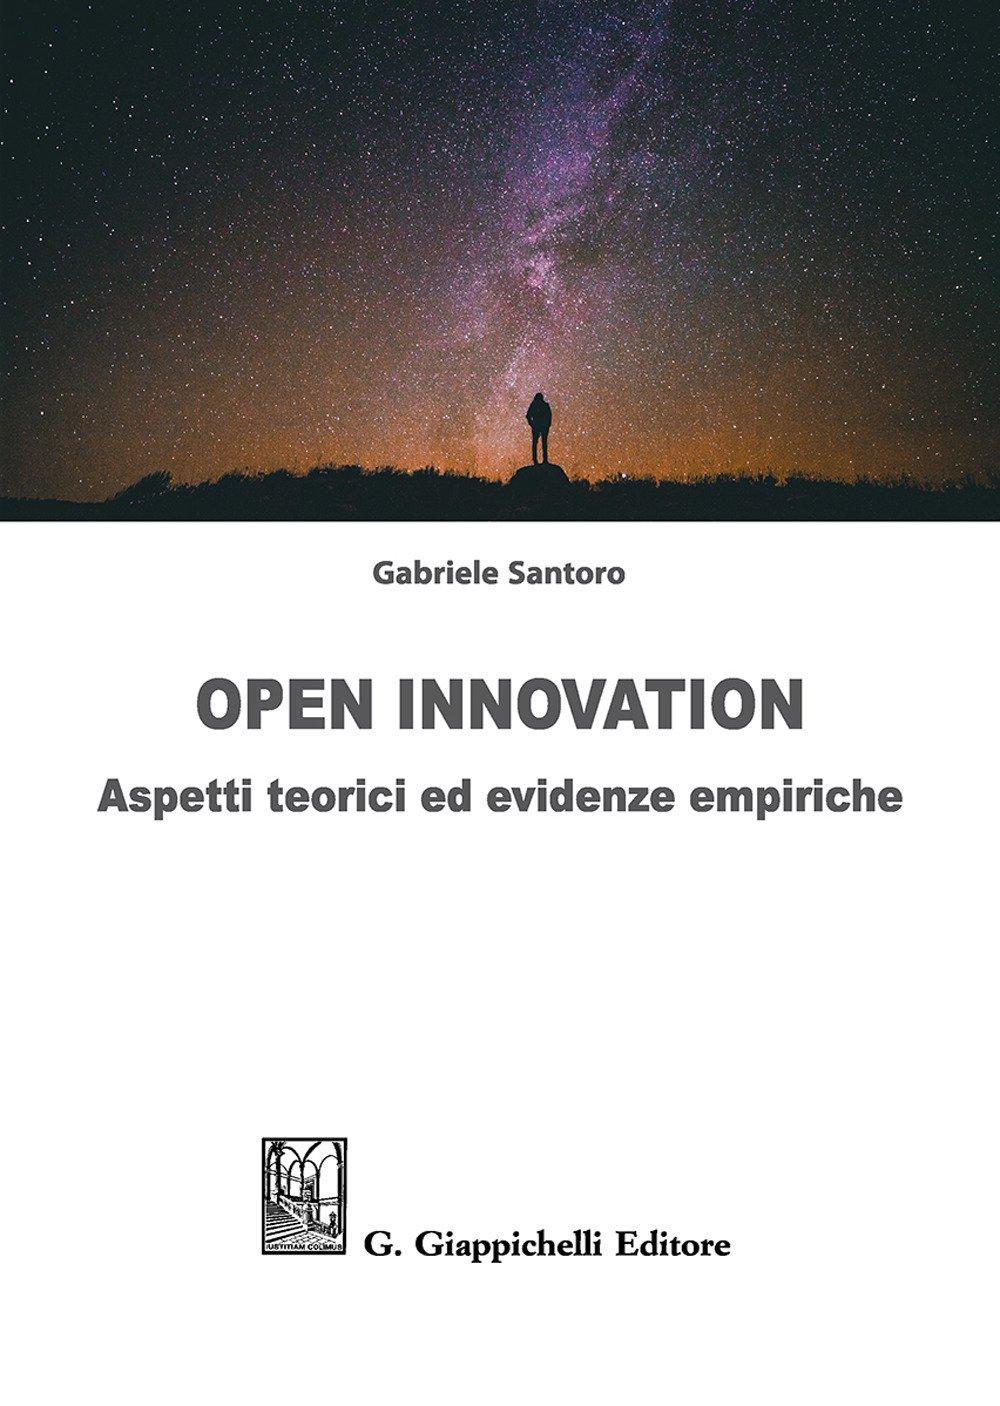 Open innovation. Aspetti teorici ed evidenze empiriche